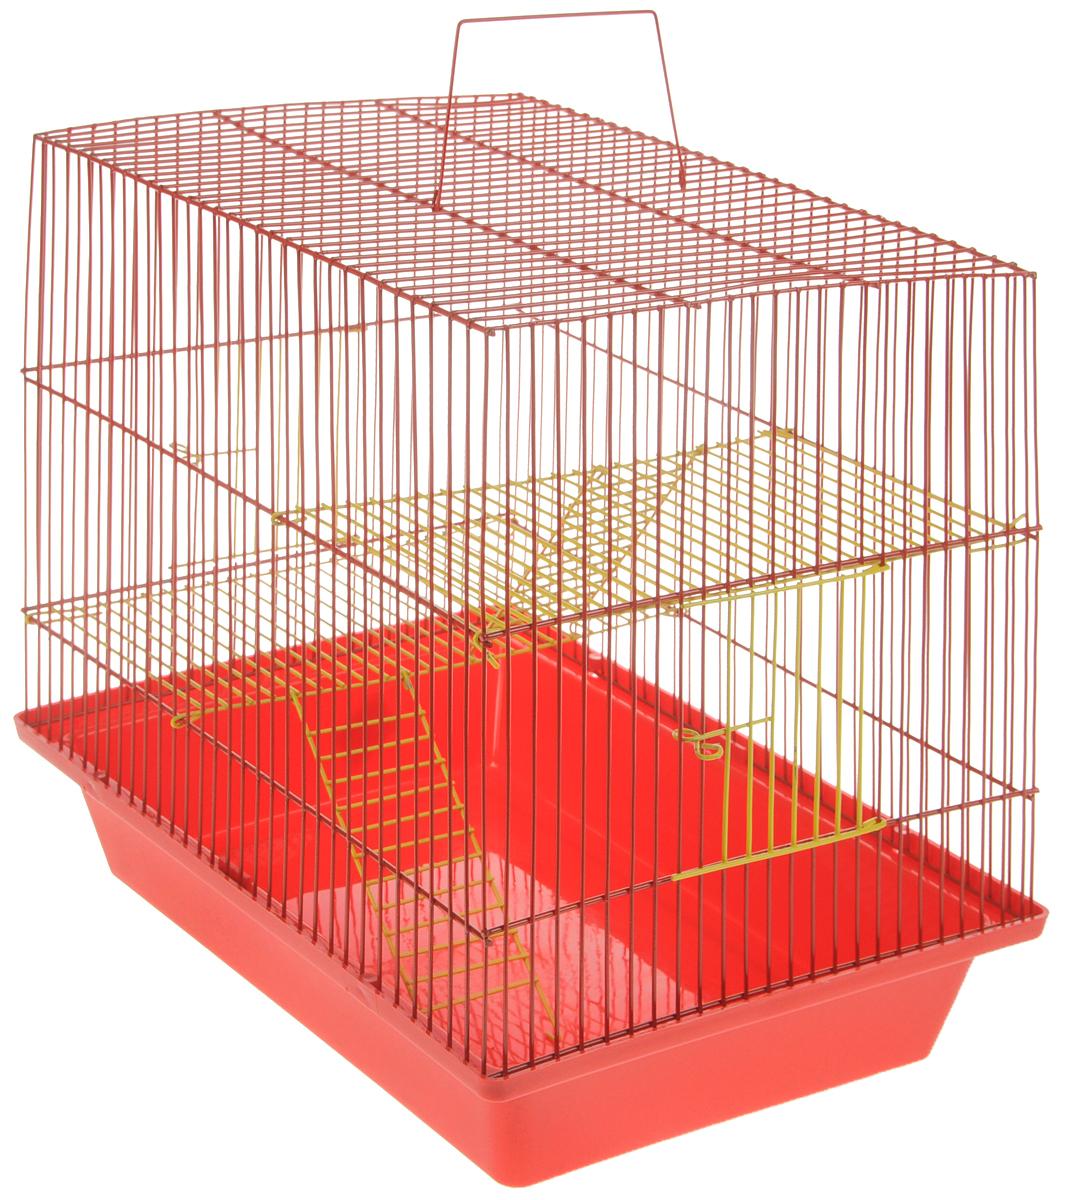 Клетка для грызунов ЗооМарк Гризли, 3-этажная, цвет: красный поддон, красная решетка, желтые этажи, 41 х 30 х 36 см. 230ж640_синий, зеленыйКлетка ЗооМарк Гризли, выполненная из полипропилена и металла, подходит для мелких грызунов. Изделие трехэтажное. Клетка имеет яркий поддон, удобна в использовании и легко чистится. Сверху имеется ручка для переноски.Такая клетка станет уединенным личным пространством и уютным домиком для маленького грызуна.